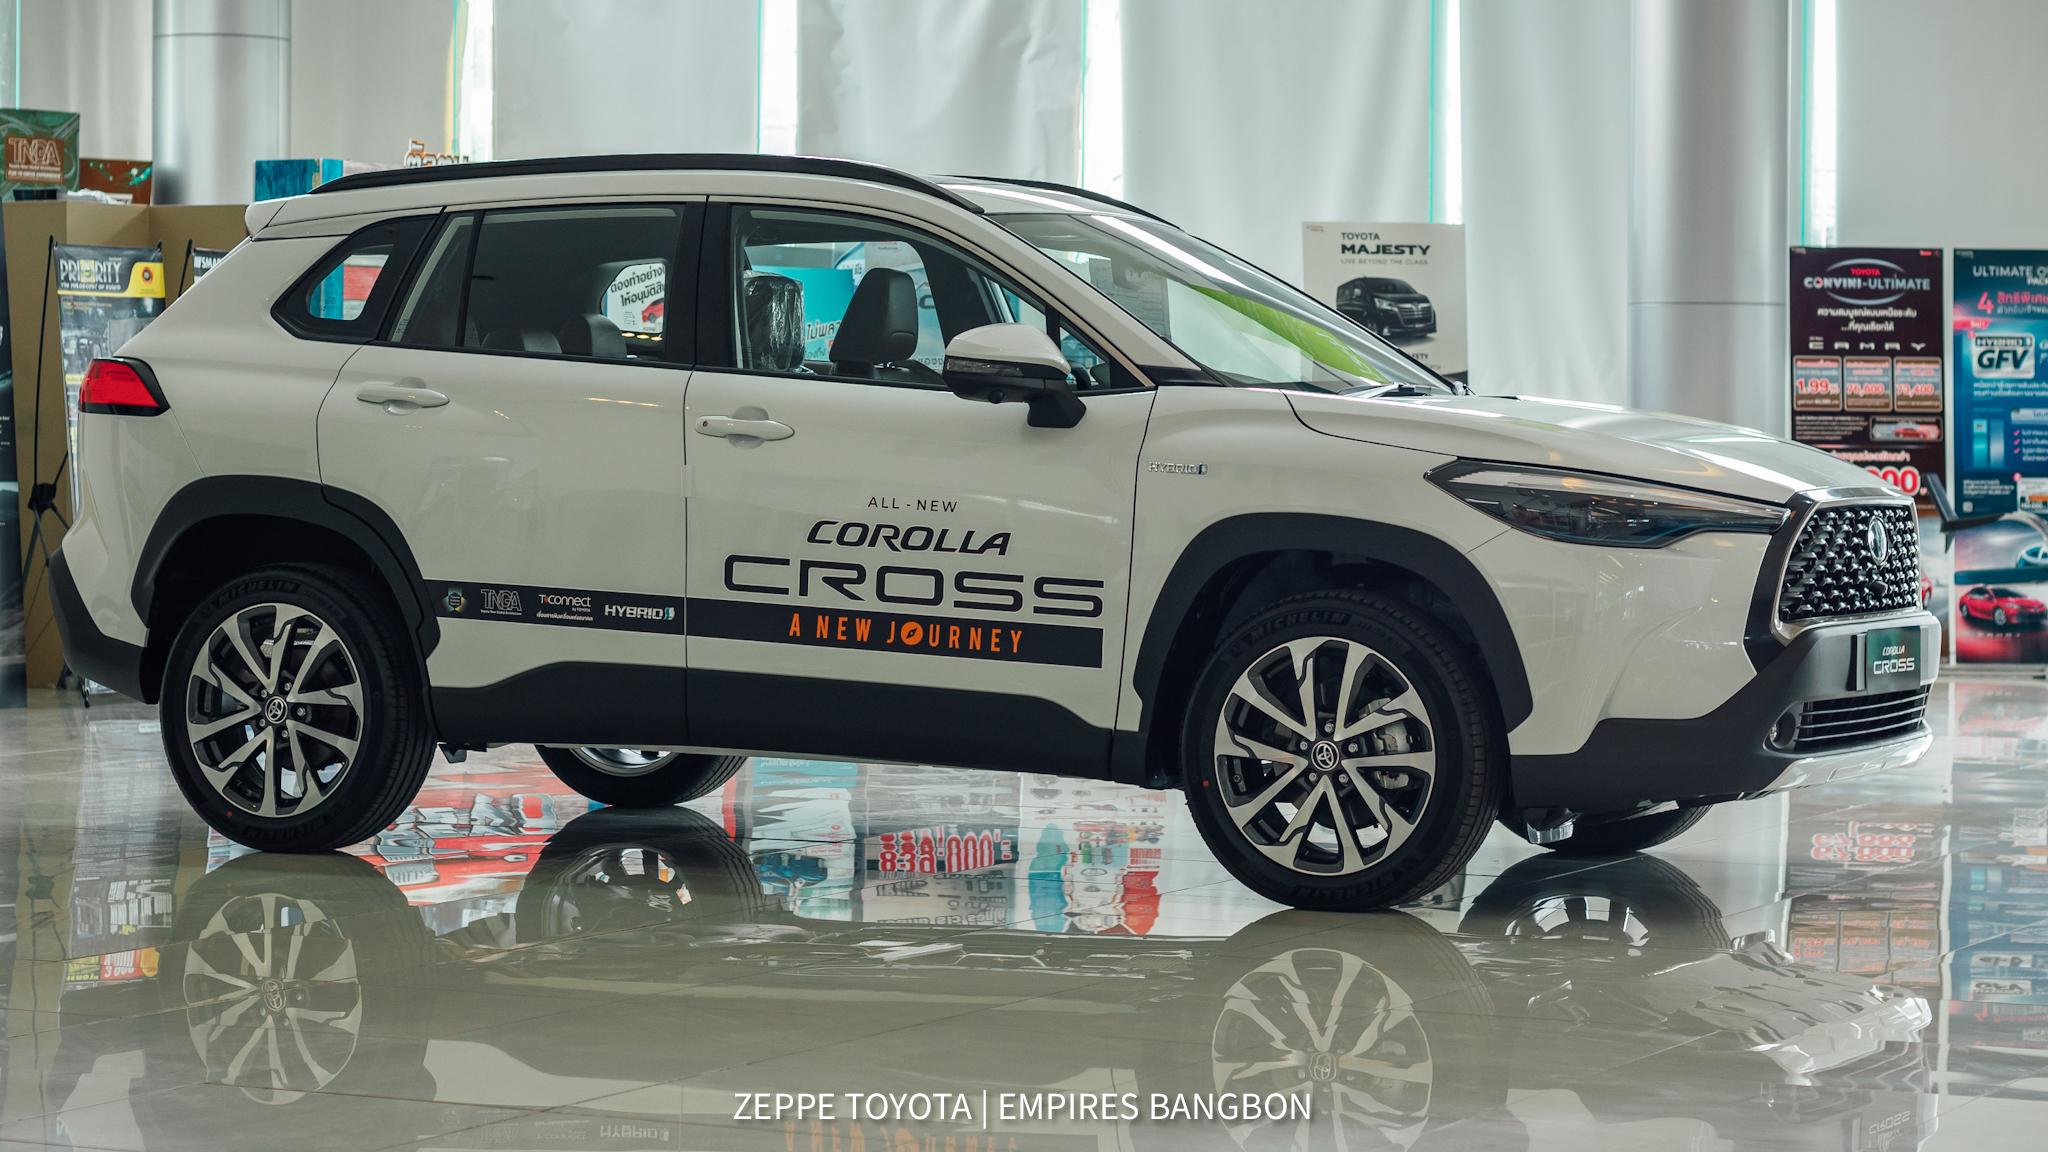 corolla cross-โคโรลล่า ครอส-รูปรถตัวจริง